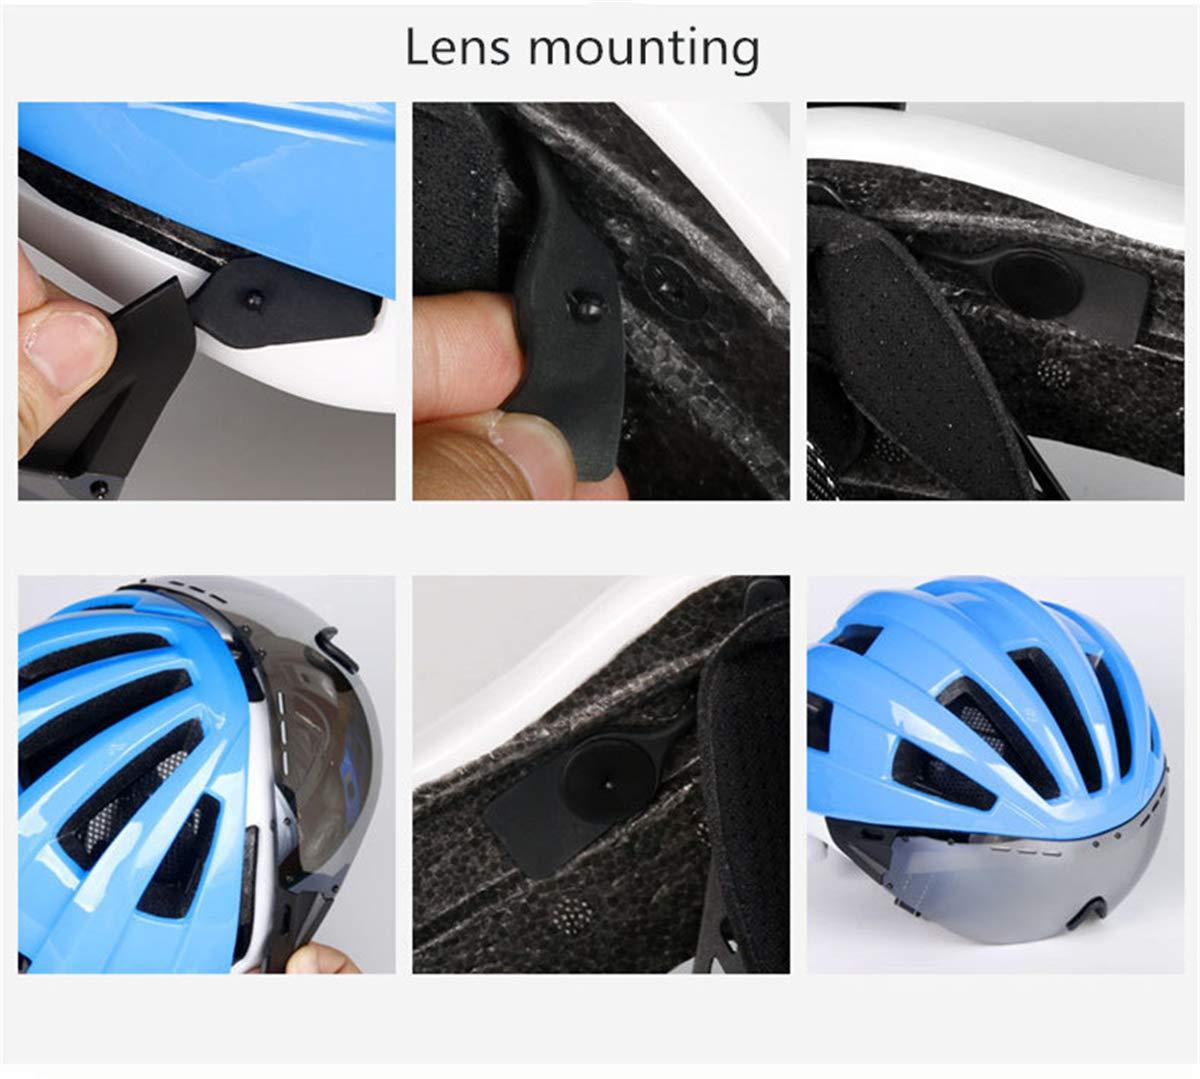 L&U PC EPS Fahrradhelm mit mit Schutzbrille, Einteiliger Helm mit mit atmungsaktivem Komfort und Insektennetz, Verstellbarer Kopfumfang, Objektiv austauschbare Mountainbike-Ausrüstung (schwarz grün) 3982fa